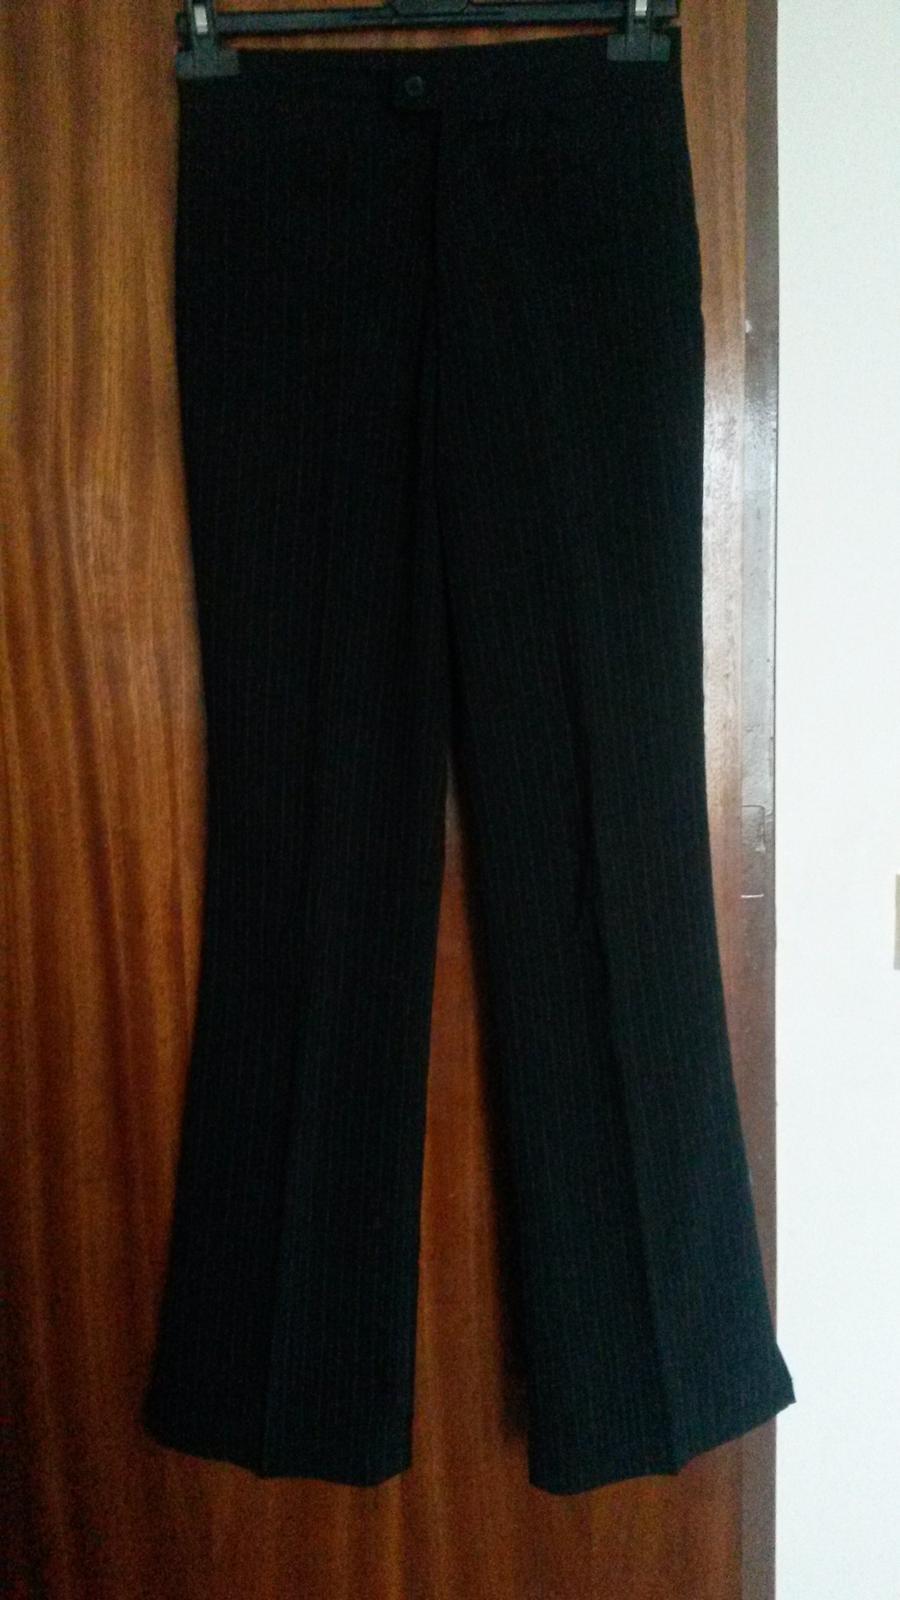 Pásikavé nohavice - Obrázok č. 1